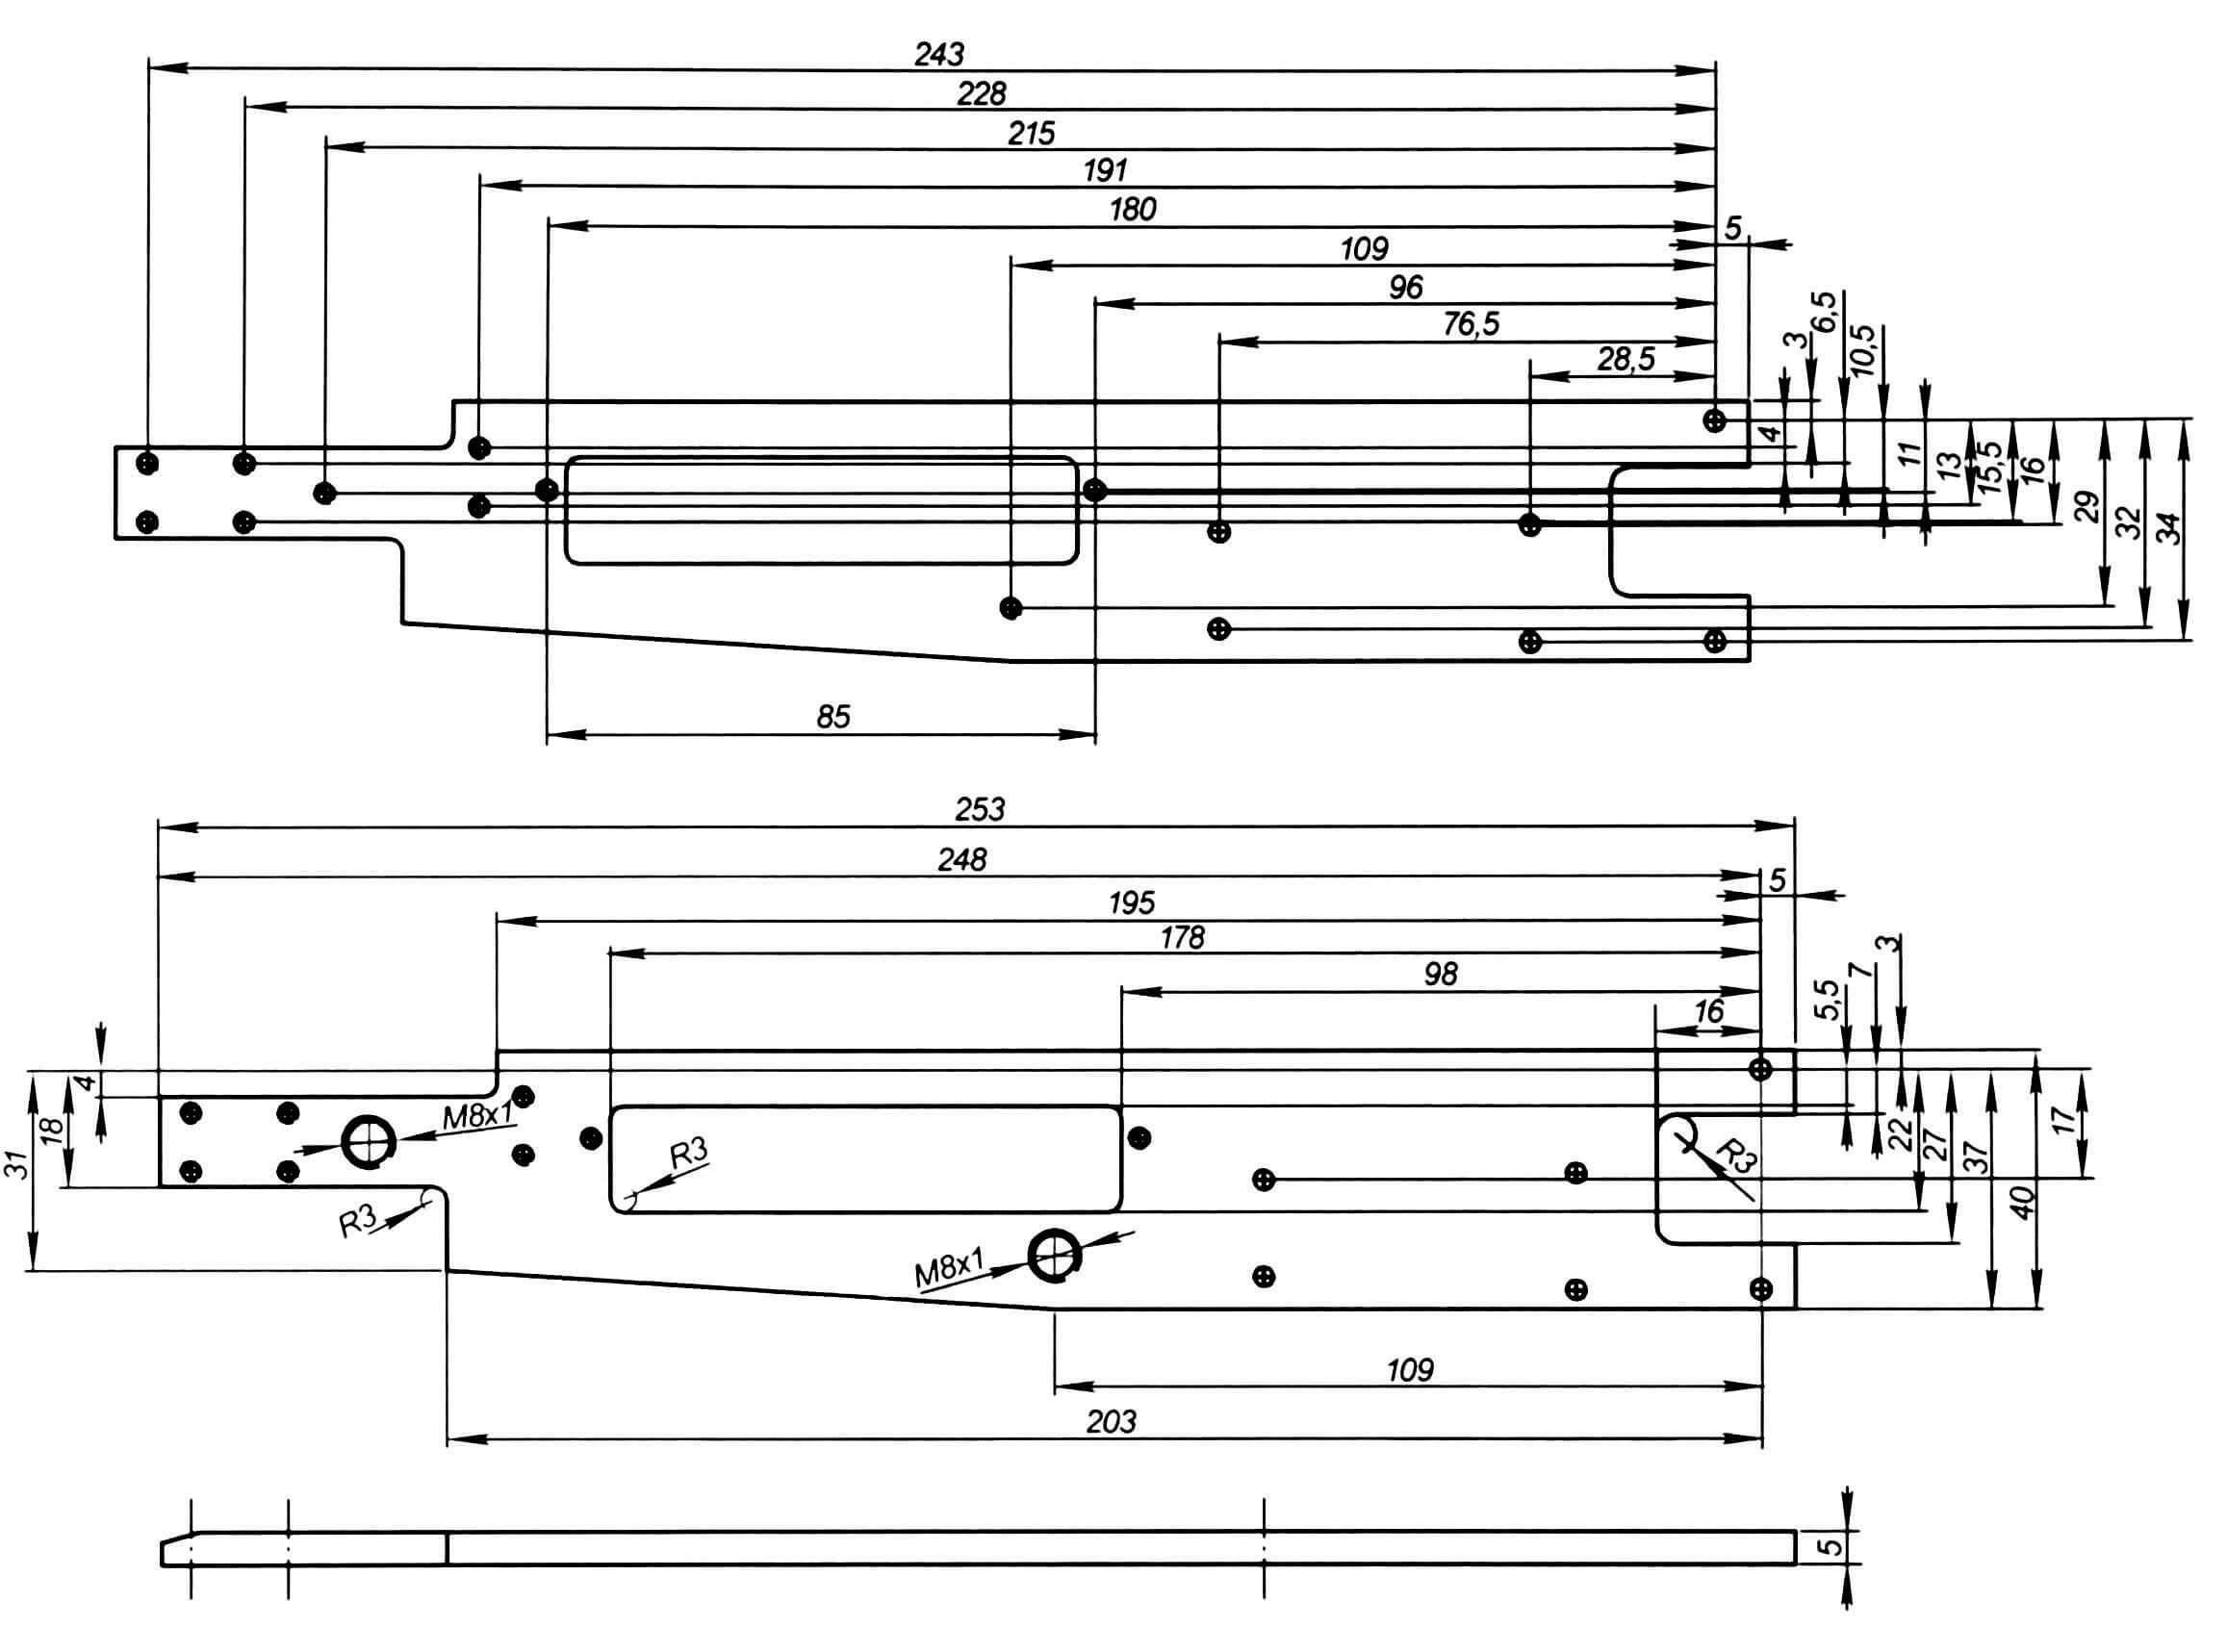 Моторная рама (материал В95Т, Д16Т). На дополнительном виде внизу показаны резьбовые отверстия под стойки крепления корпуса модели